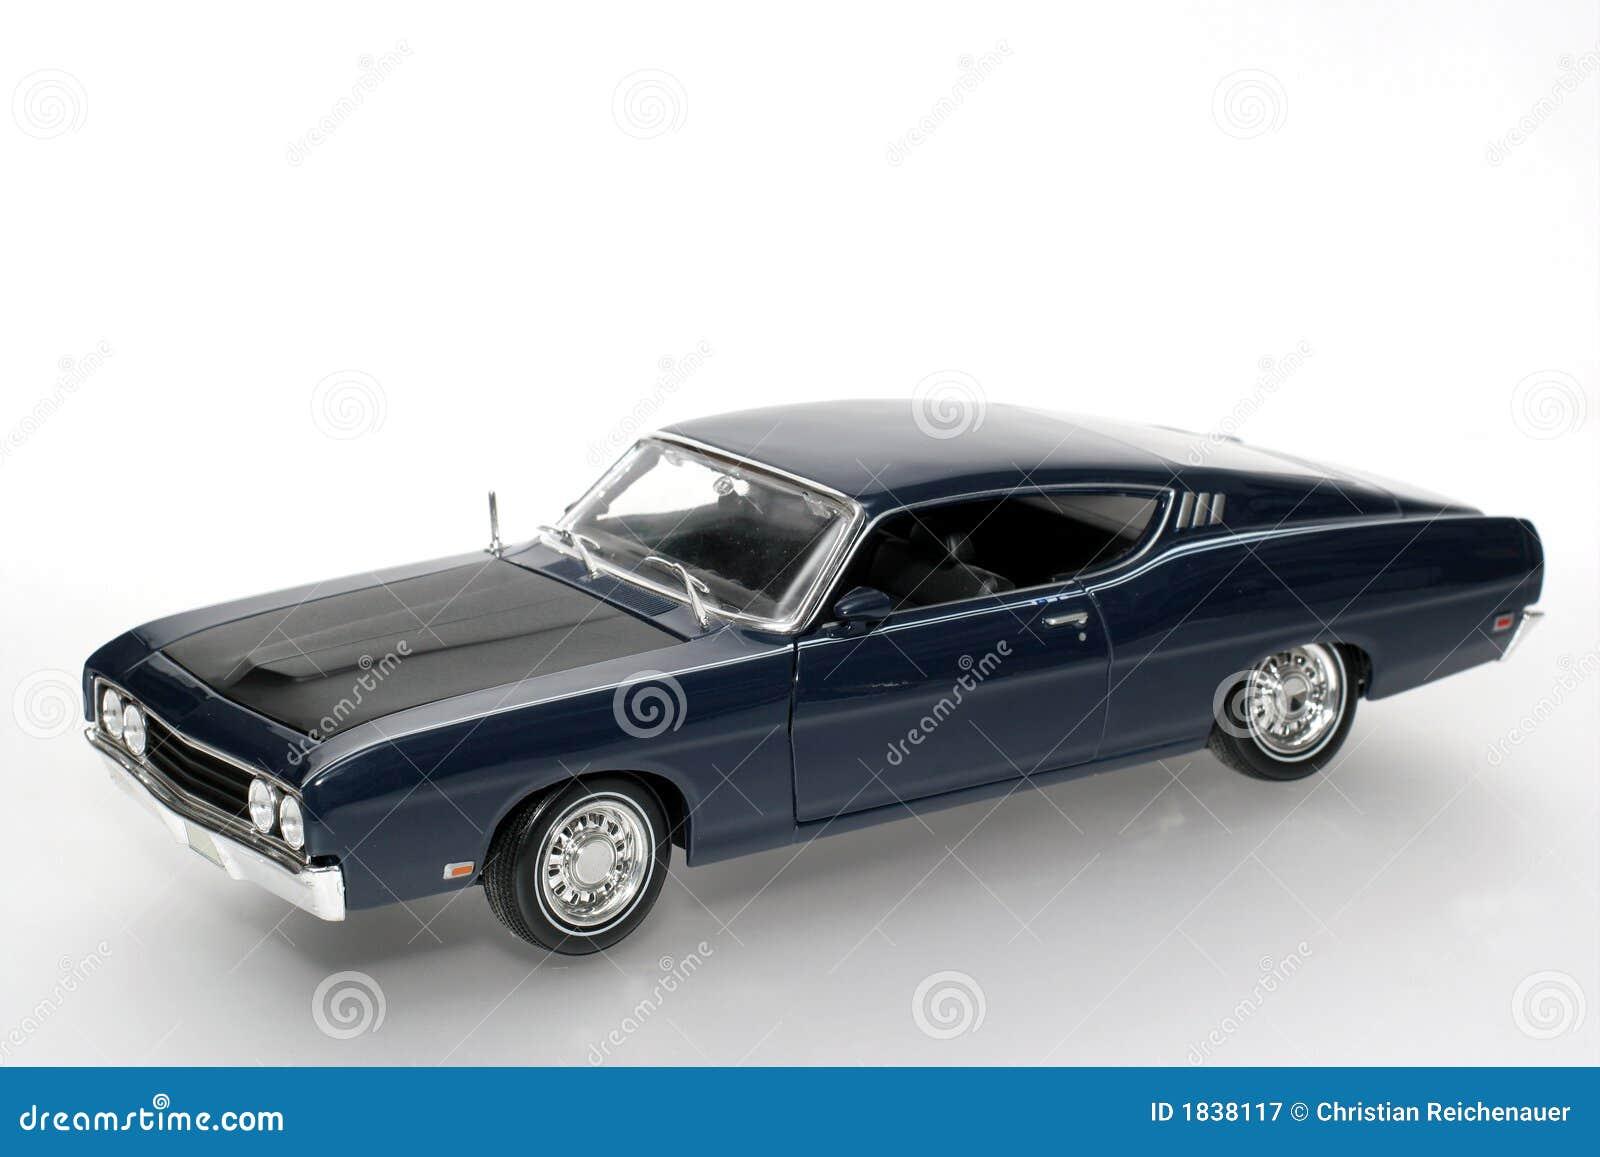 Metalskala Spielzeugauto 1969 Ford Torino Talladega 2 Stockbild Fairlane Muscle Cars Download Bild Von Montieren